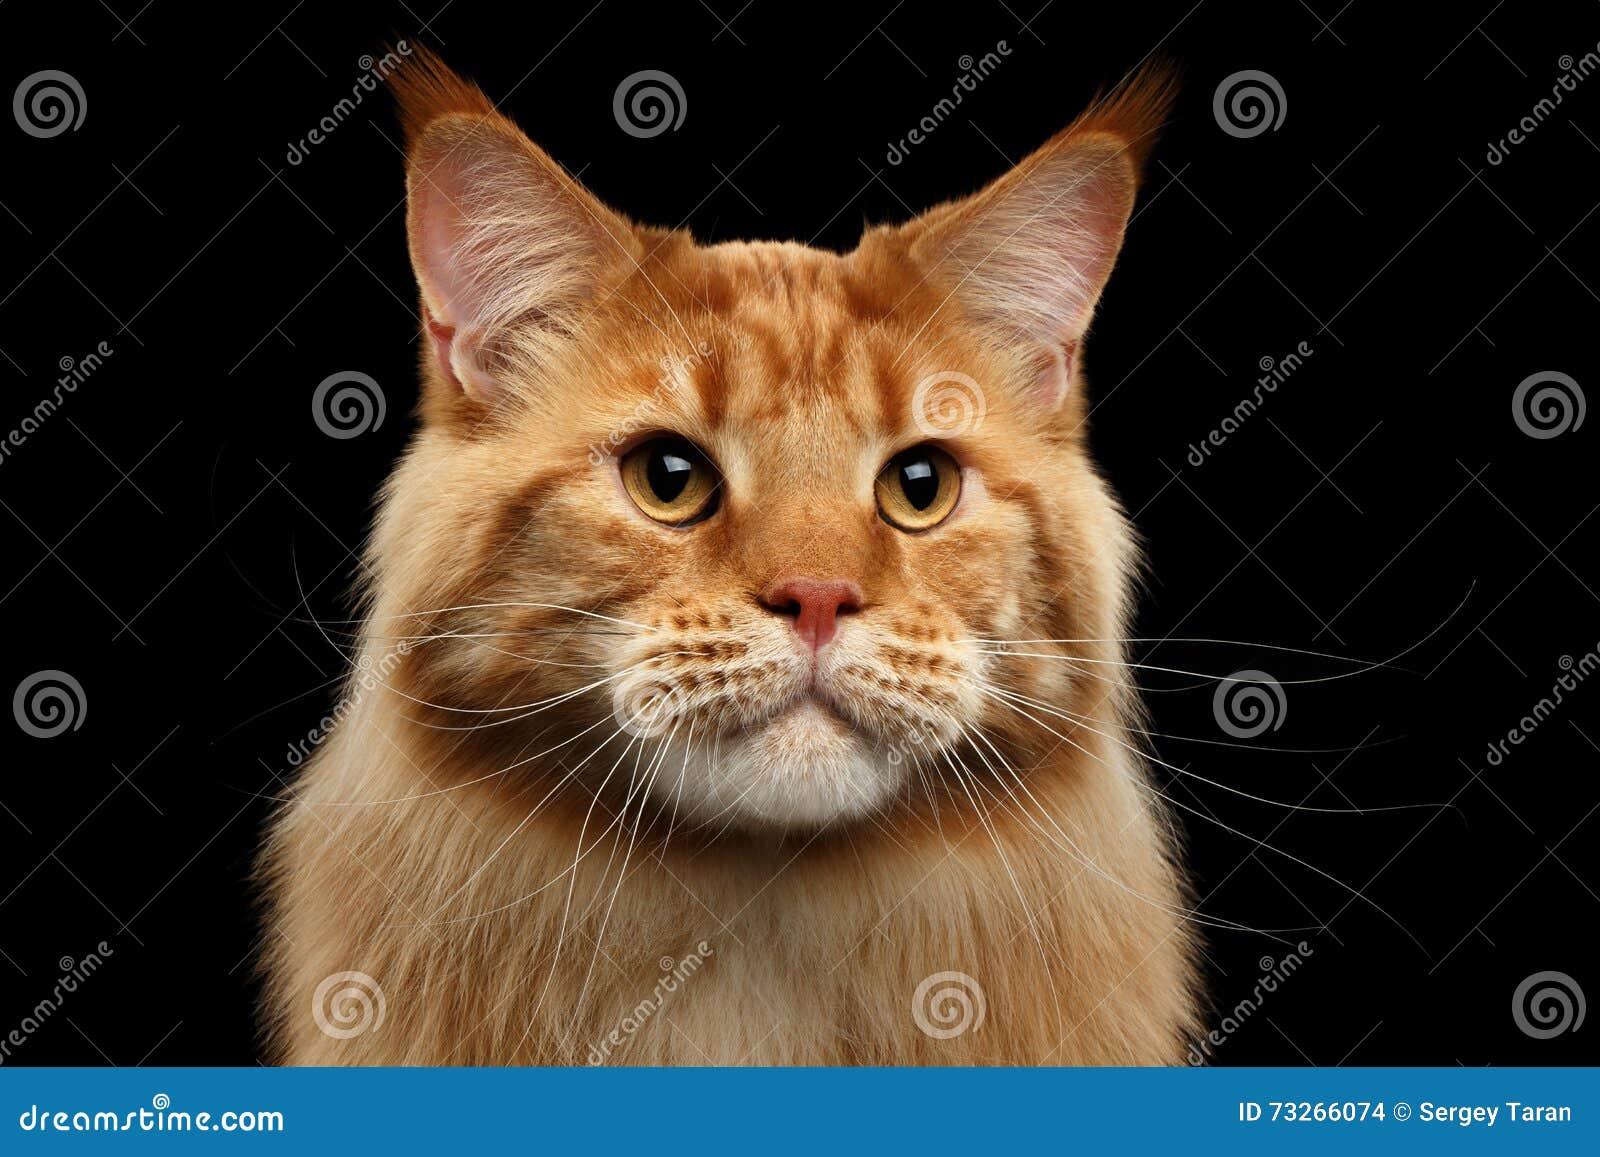 Nahaufnahme Ginger Maine Coon Cat Curious Looks, lokalisierter schwarzer Hintergrund